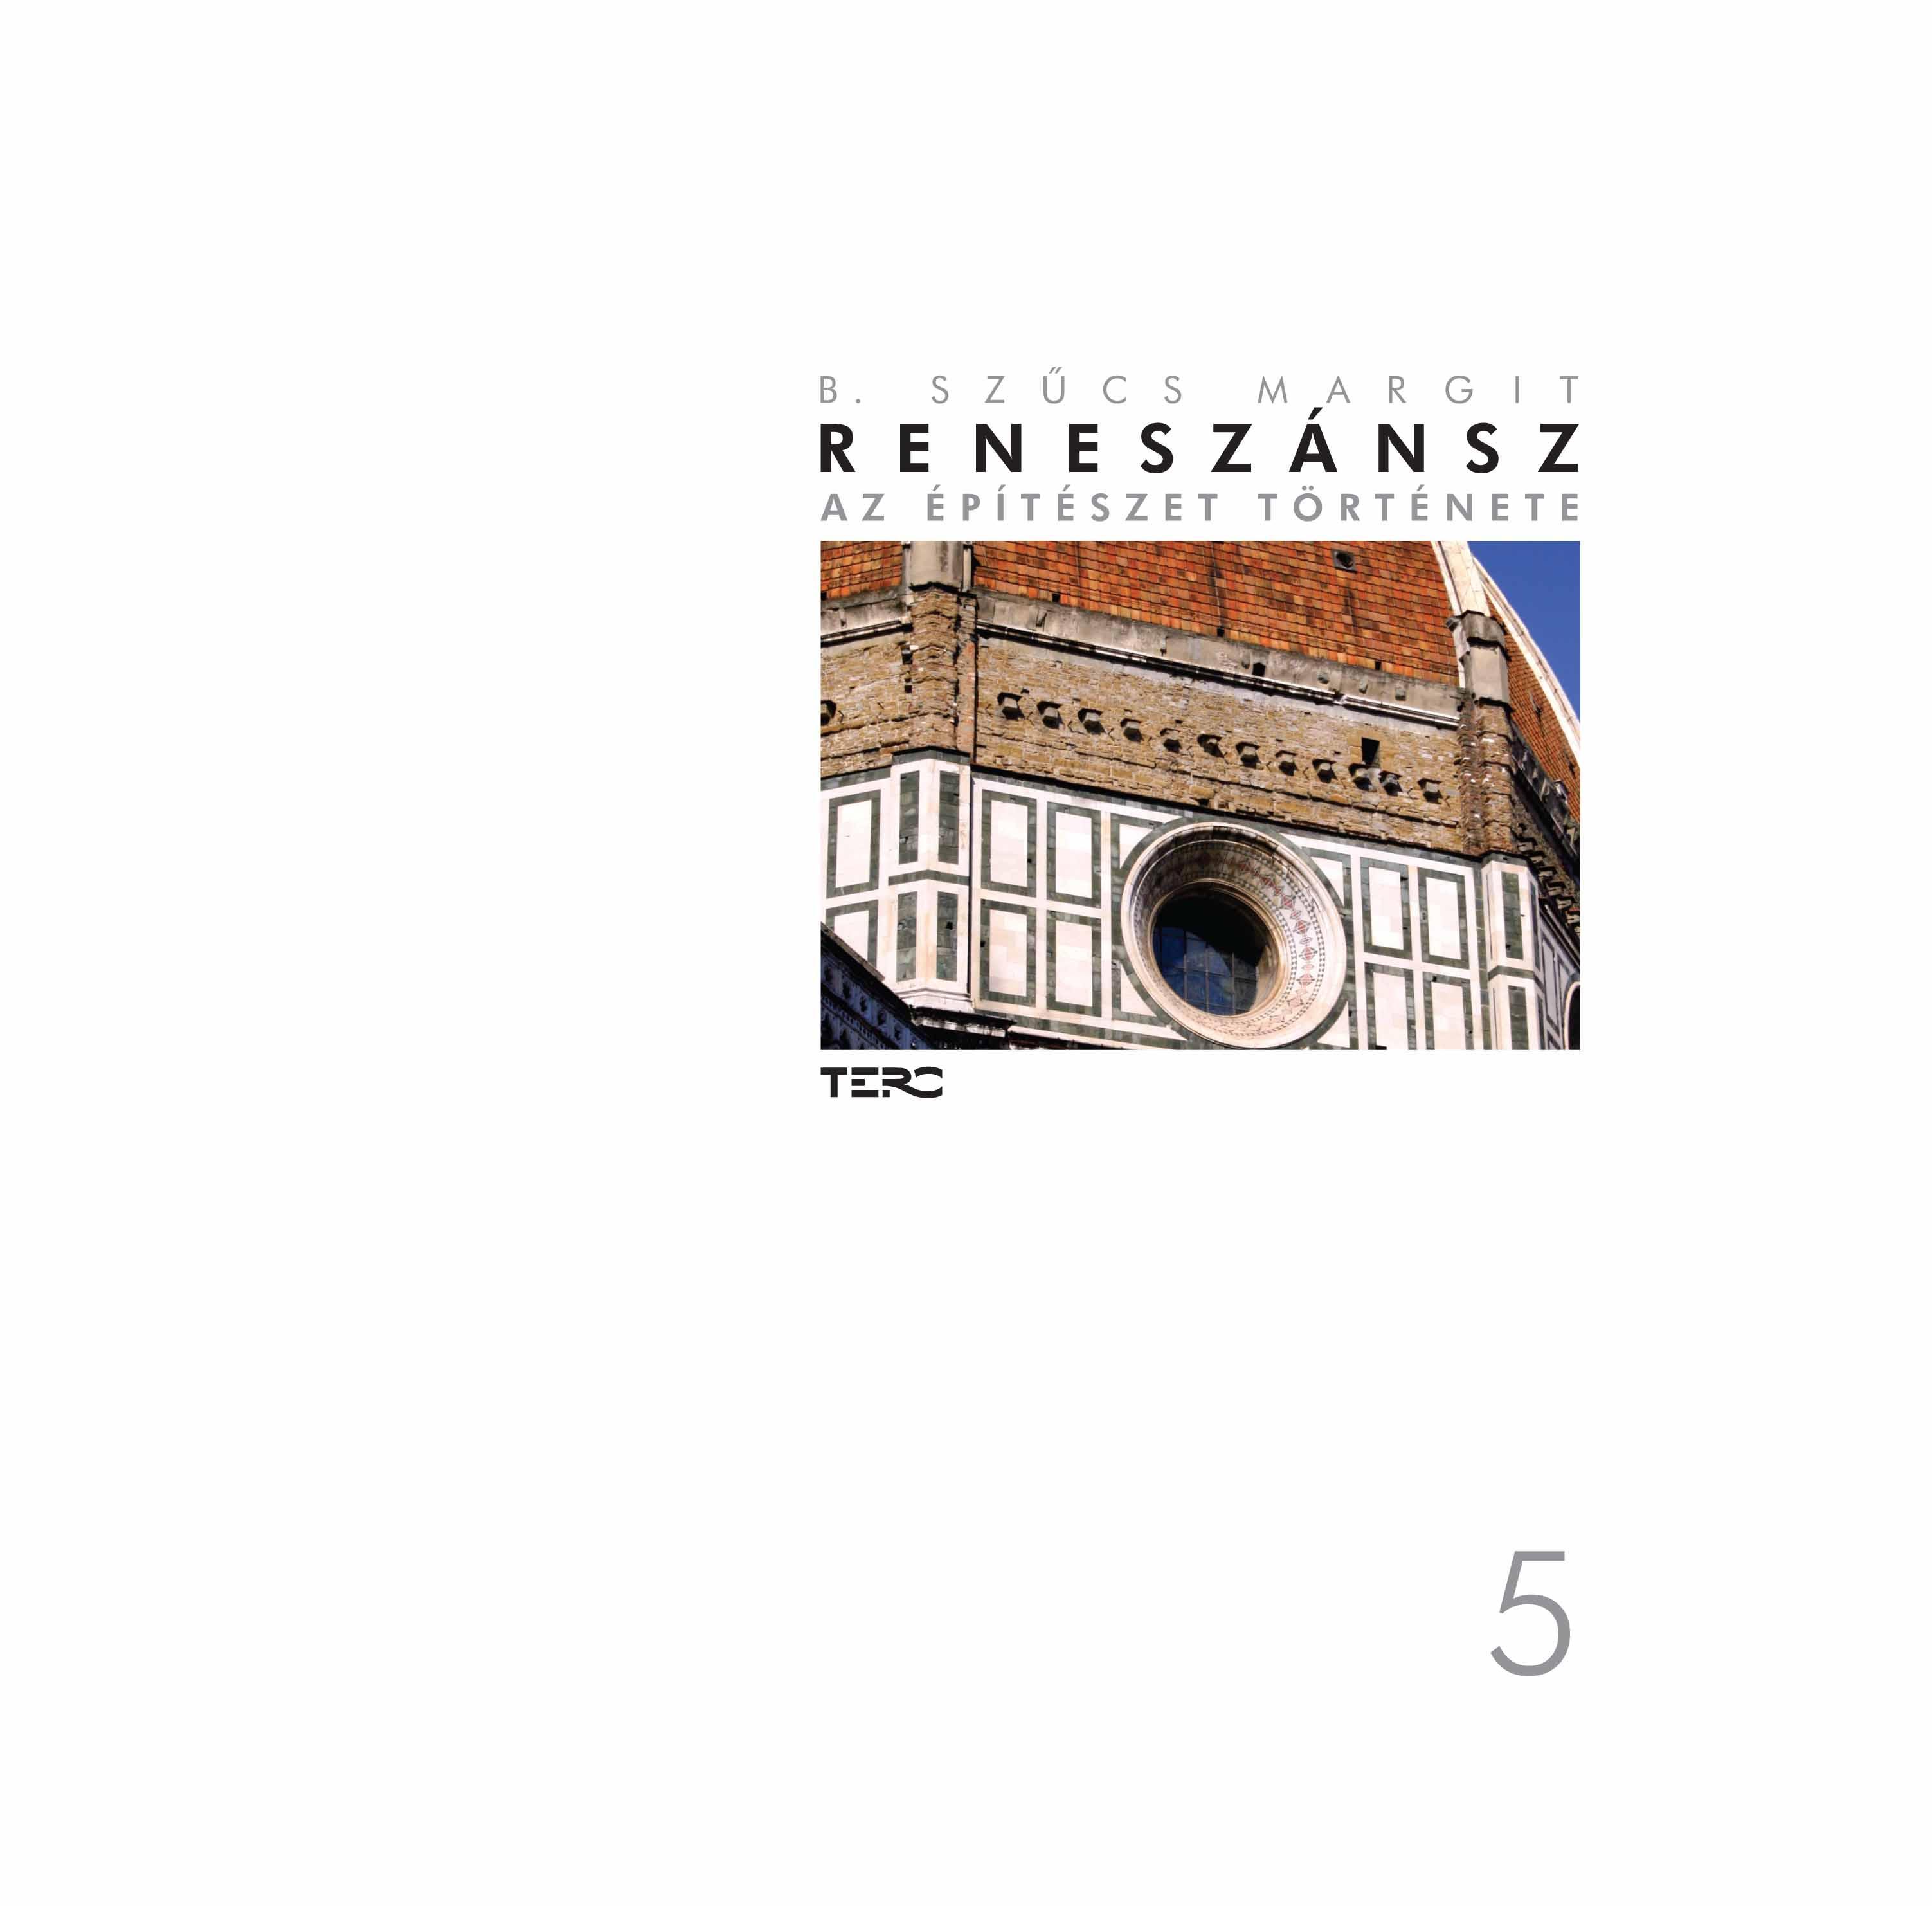 RENESZÁNSZ - AZ ÉPÍTÉSZET TÖRÉTNETE 5.